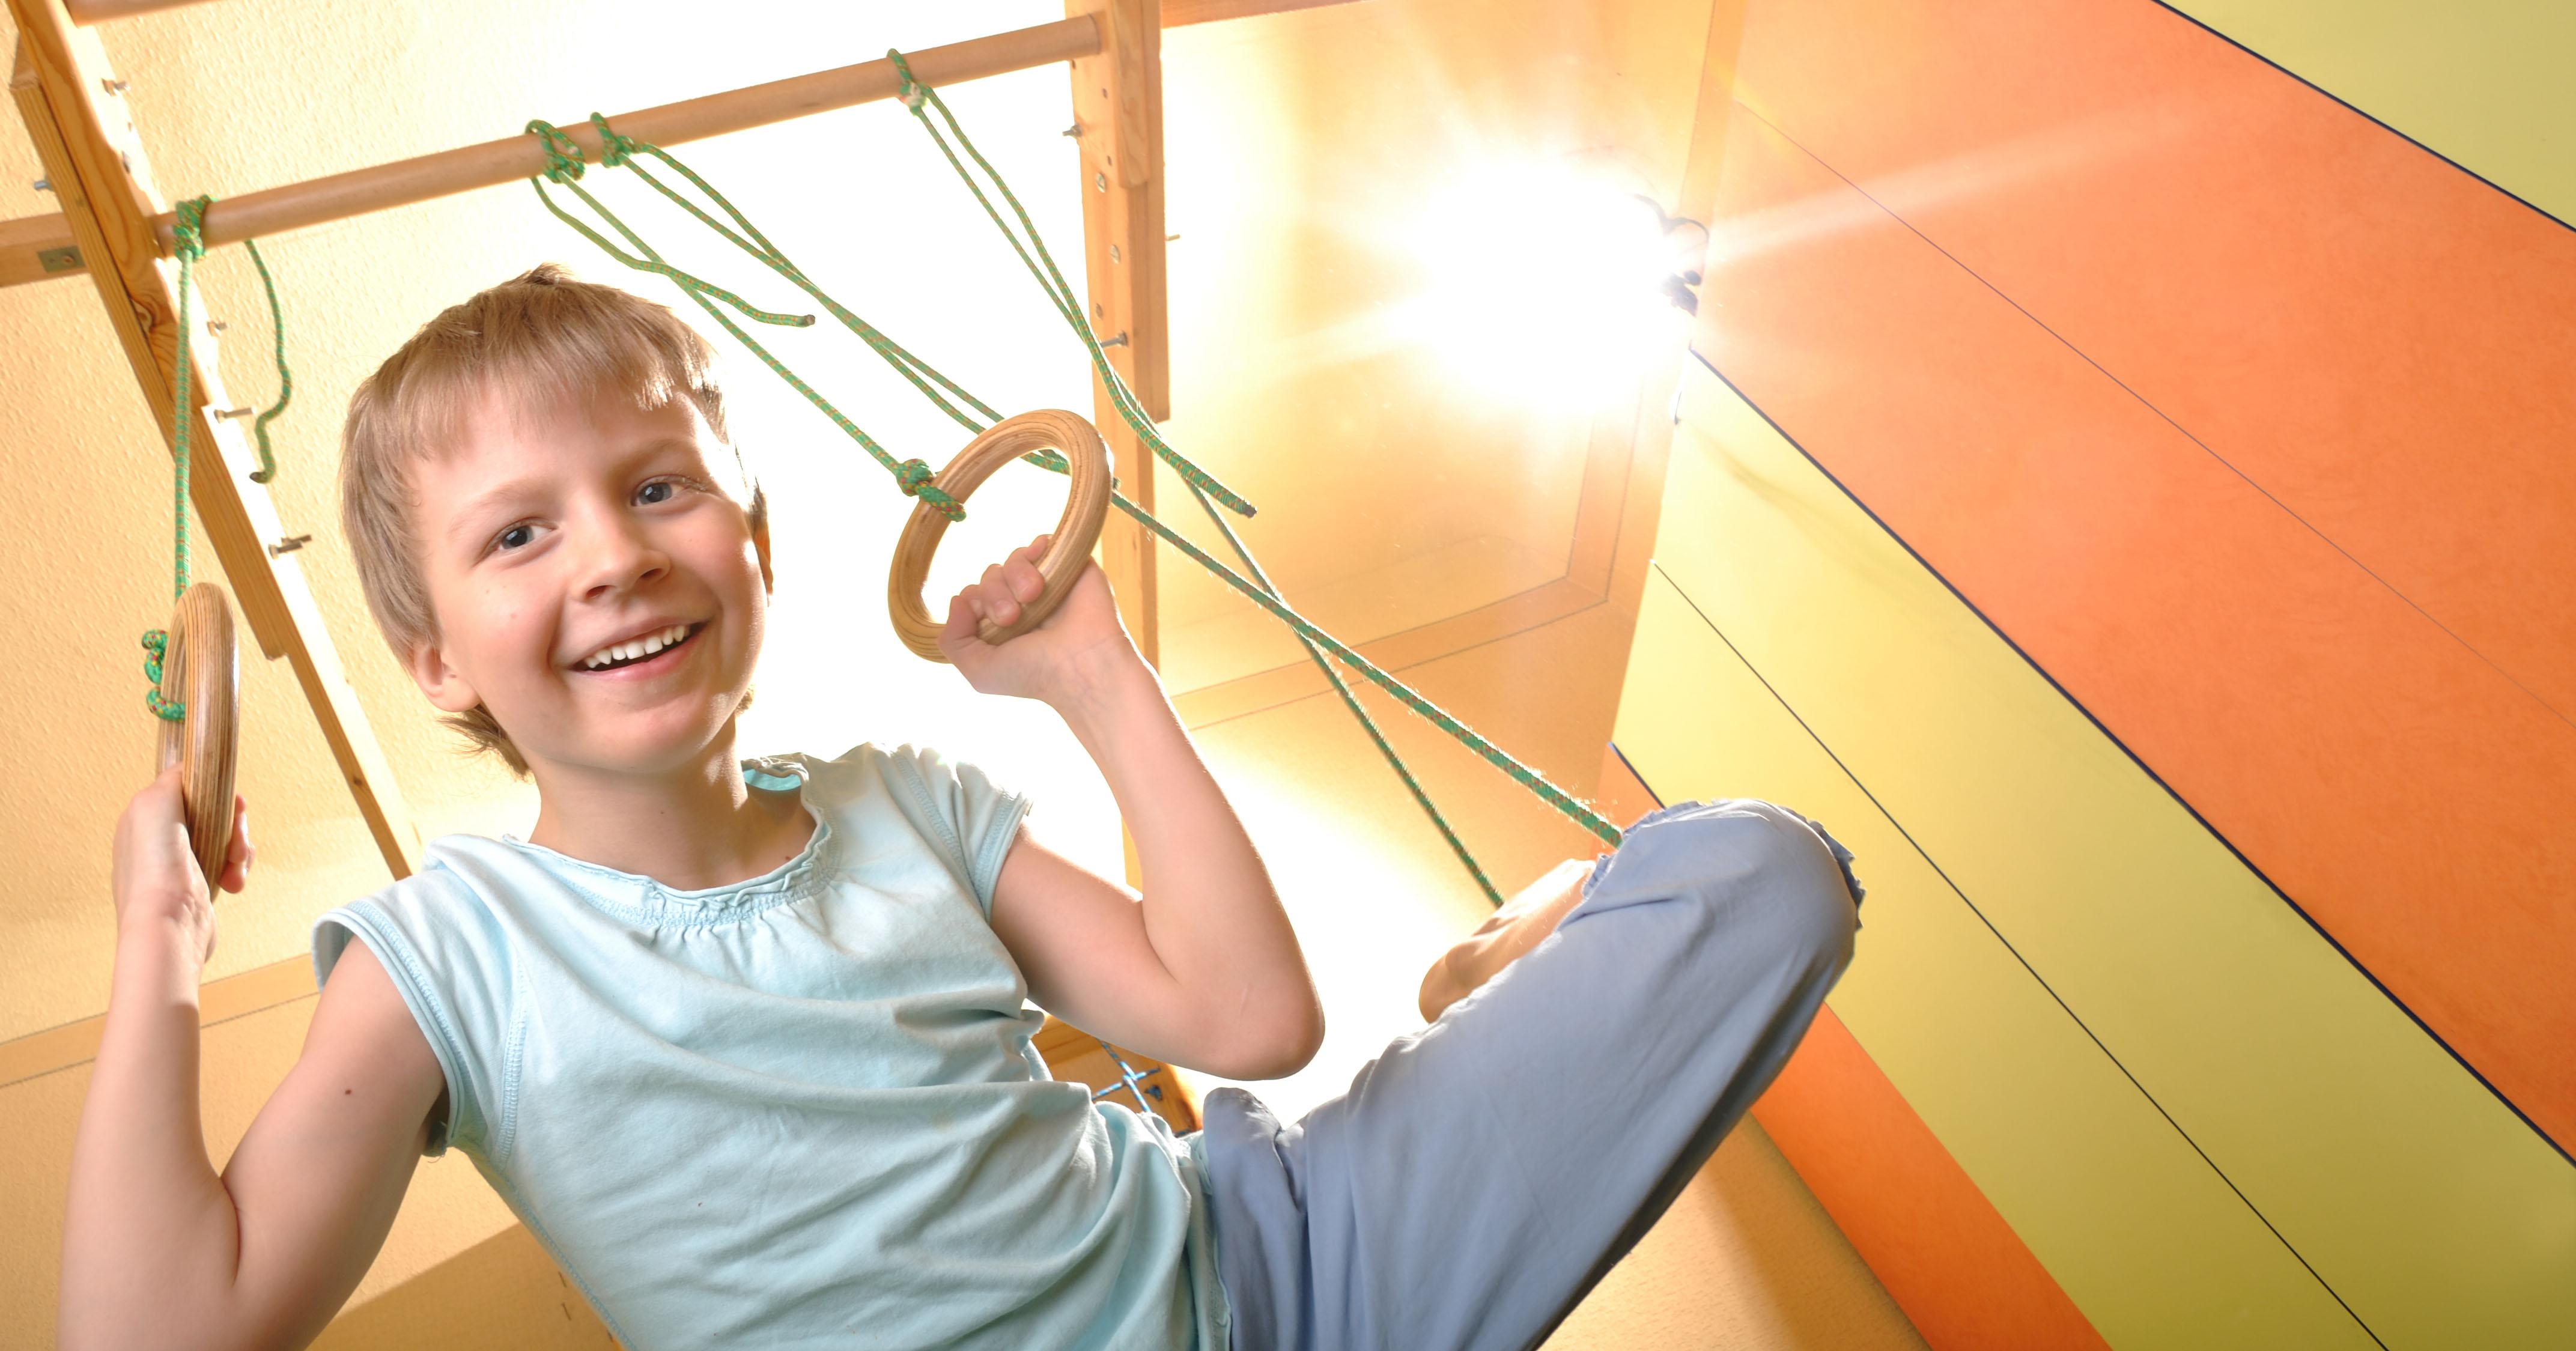 Lapsen Fyysinen Kehitys Ikäkausittain